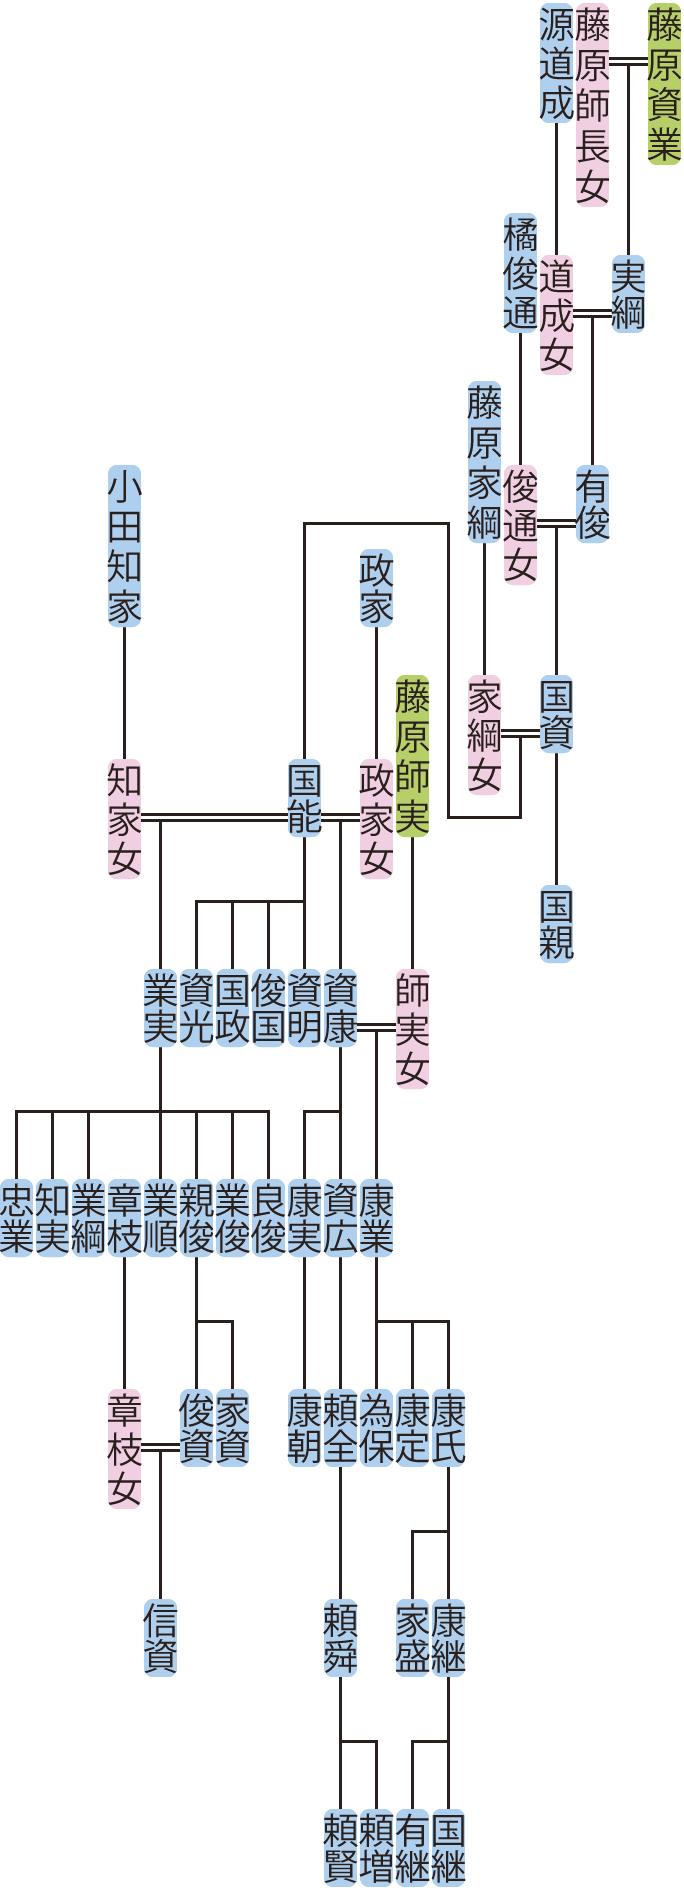 藤原有俊の系図